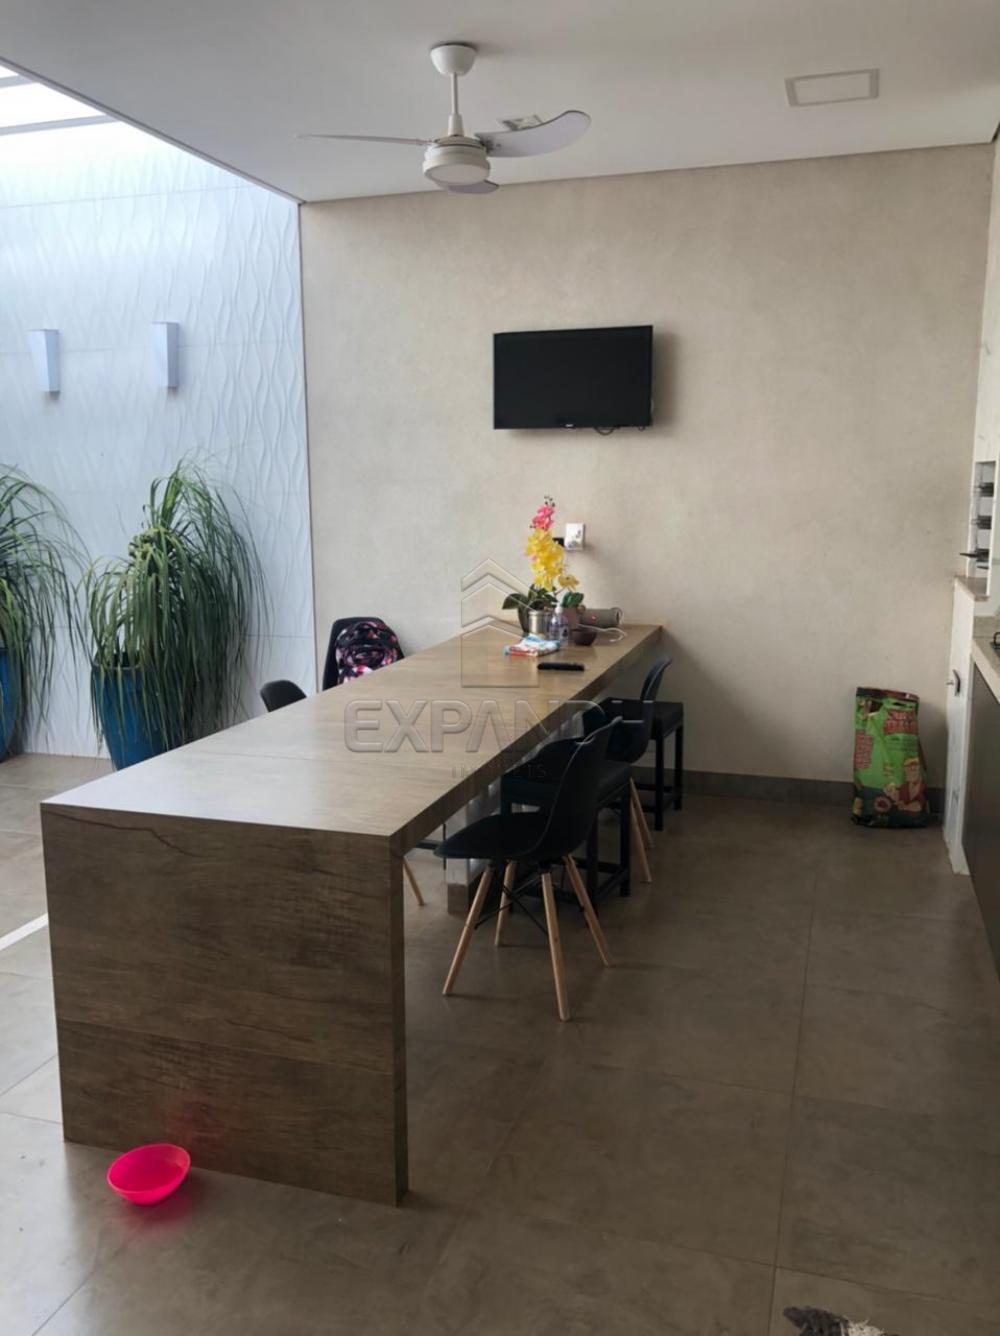 Comprar Casas / Condomínio em Sertãozinho R$ 530.000,00 - Foto 8